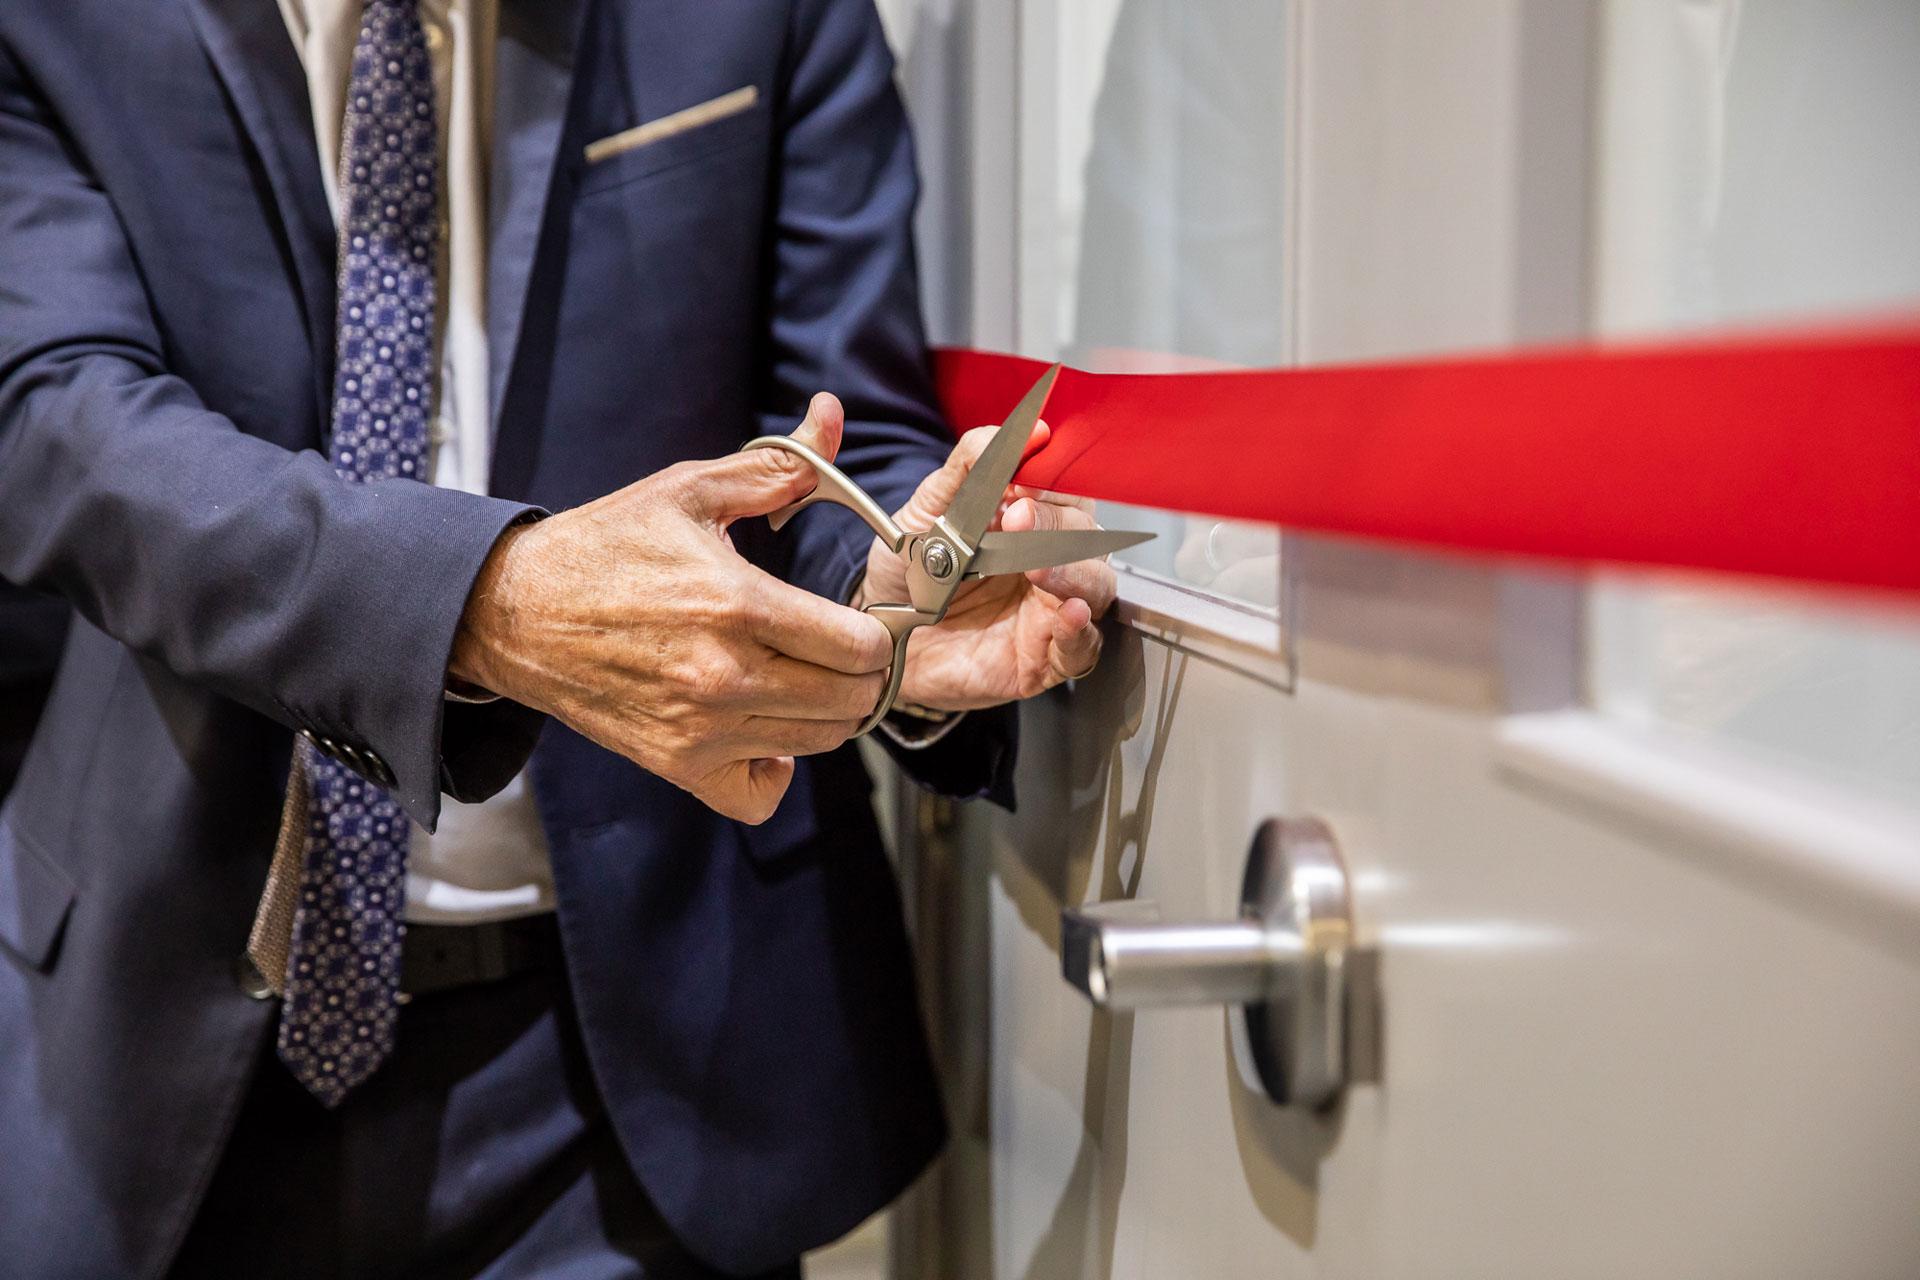 A hand cutting a ribbon